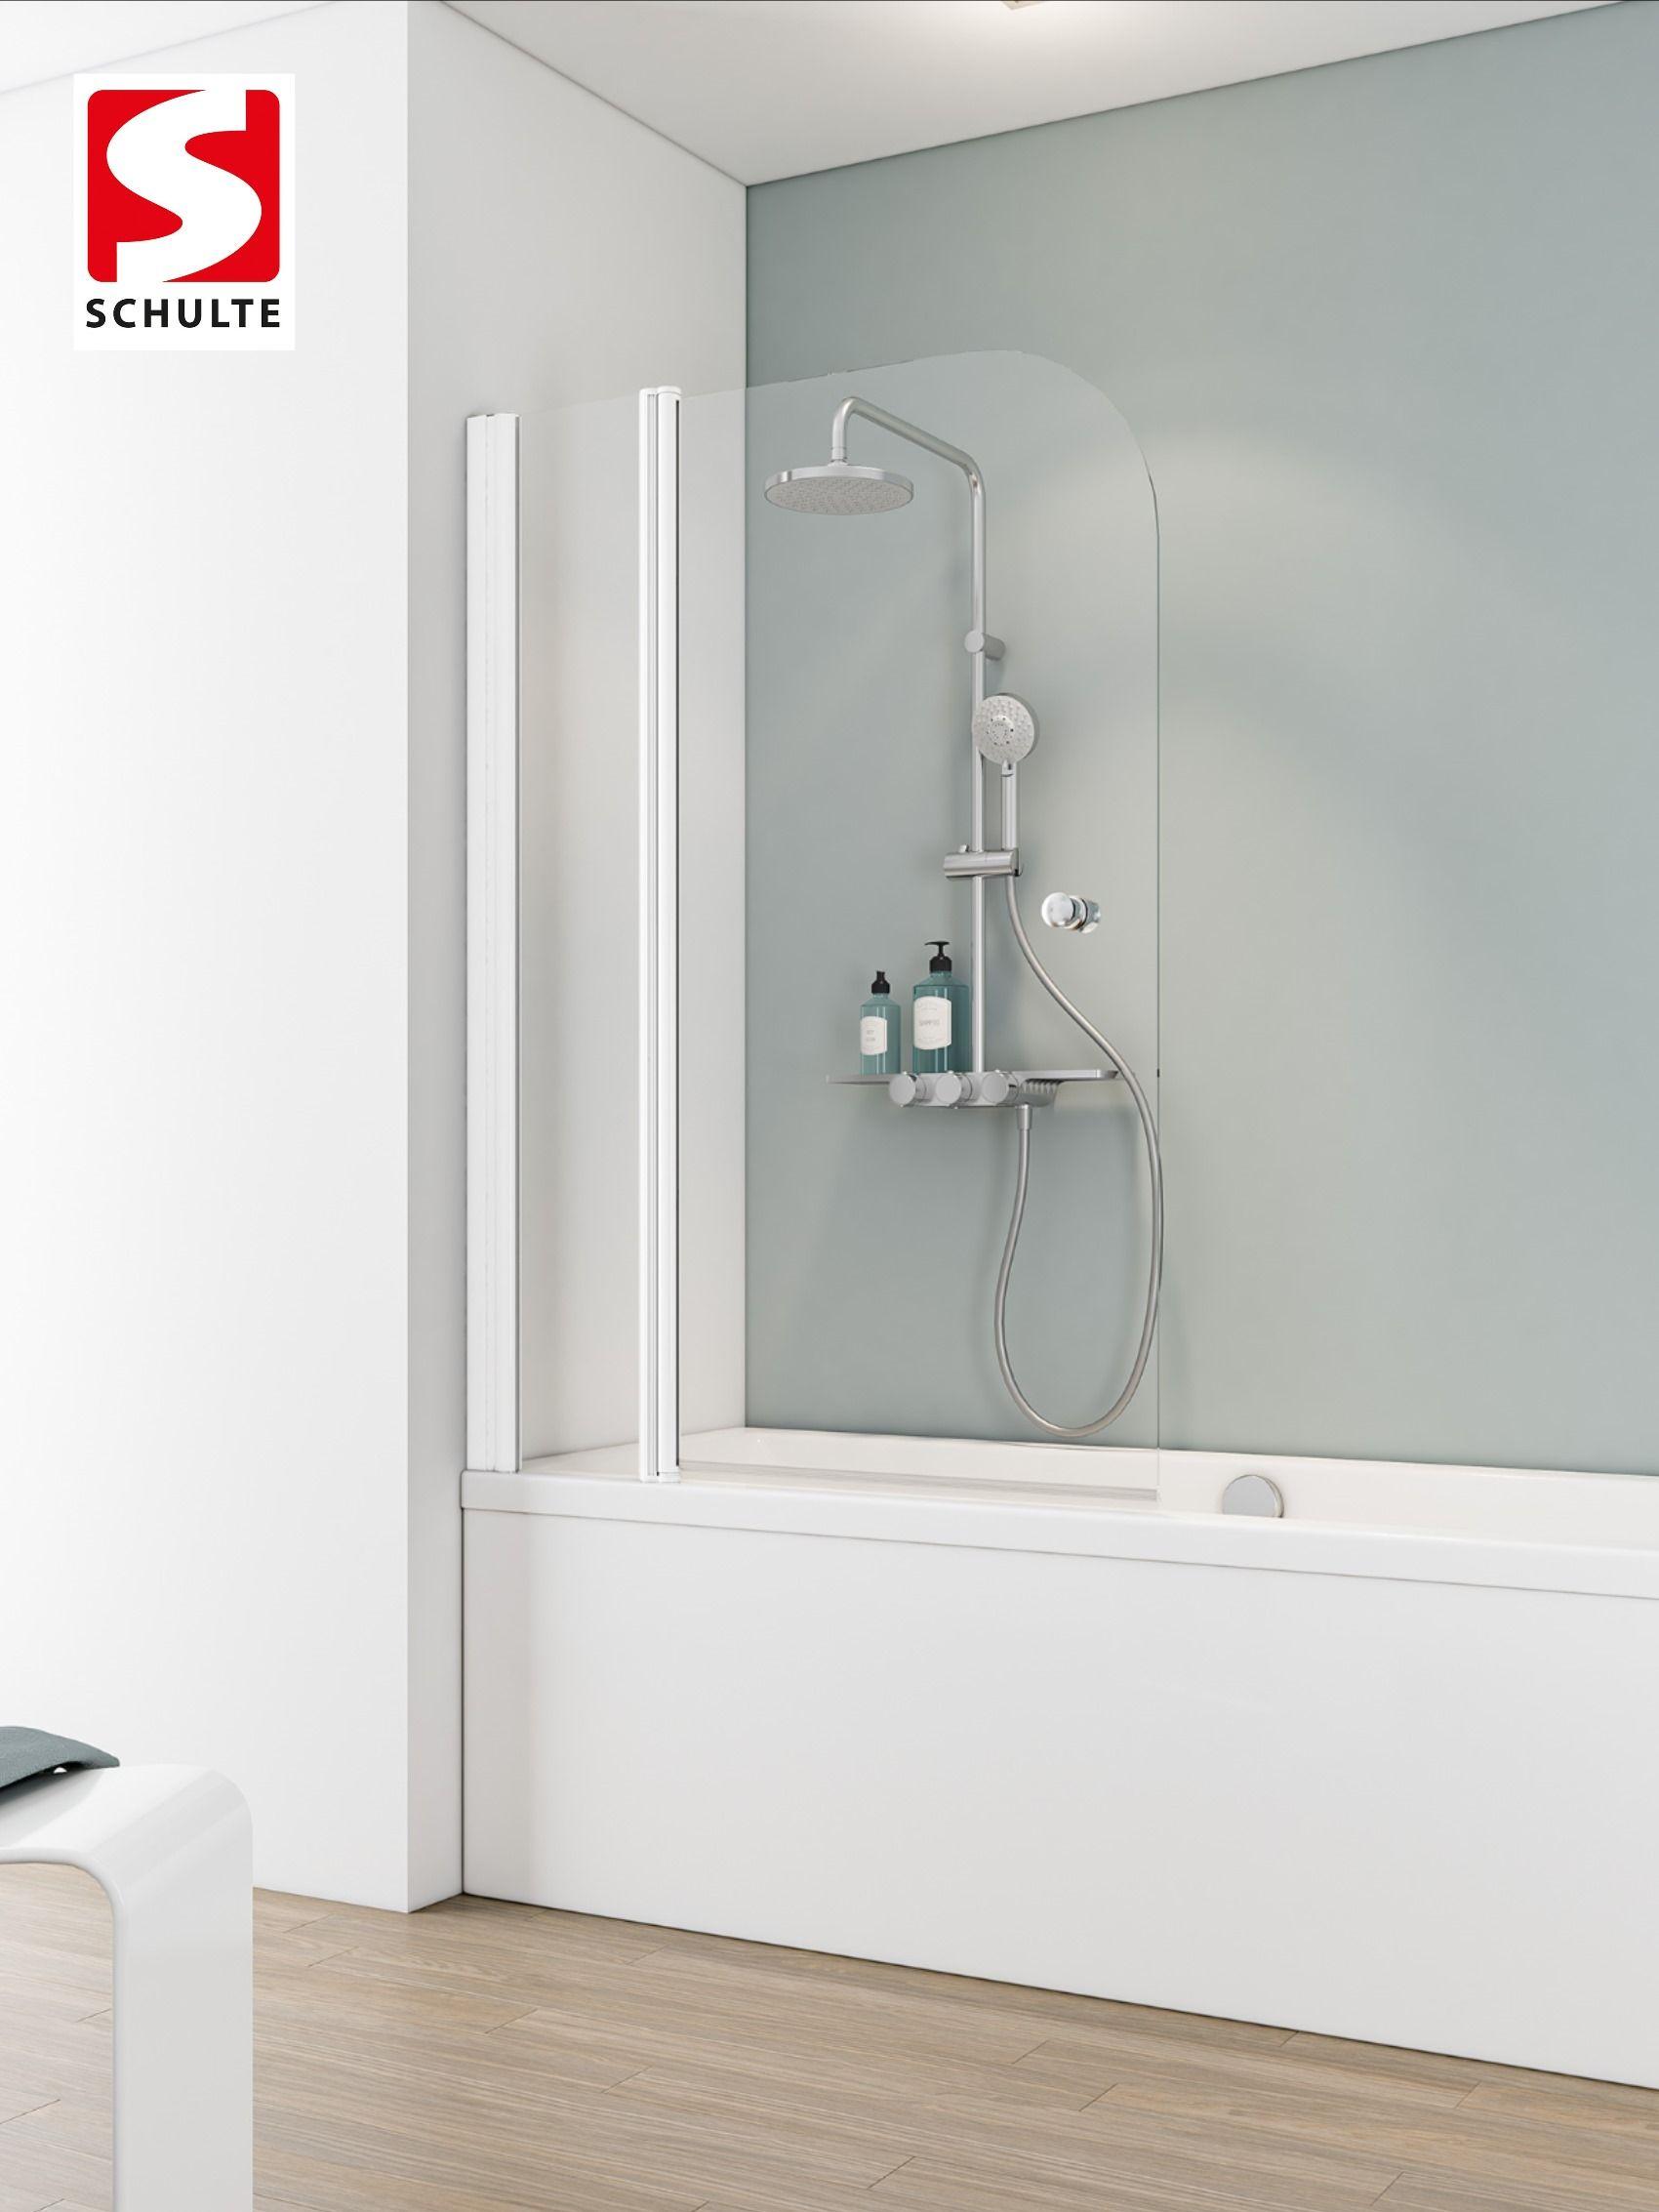 Schulte Wannenaufsatz Badewannenfaltwand Komfort Rahmenlos 2 Teilig Aluprofil Garant Badewanne Glaswand Wand Duschkabine